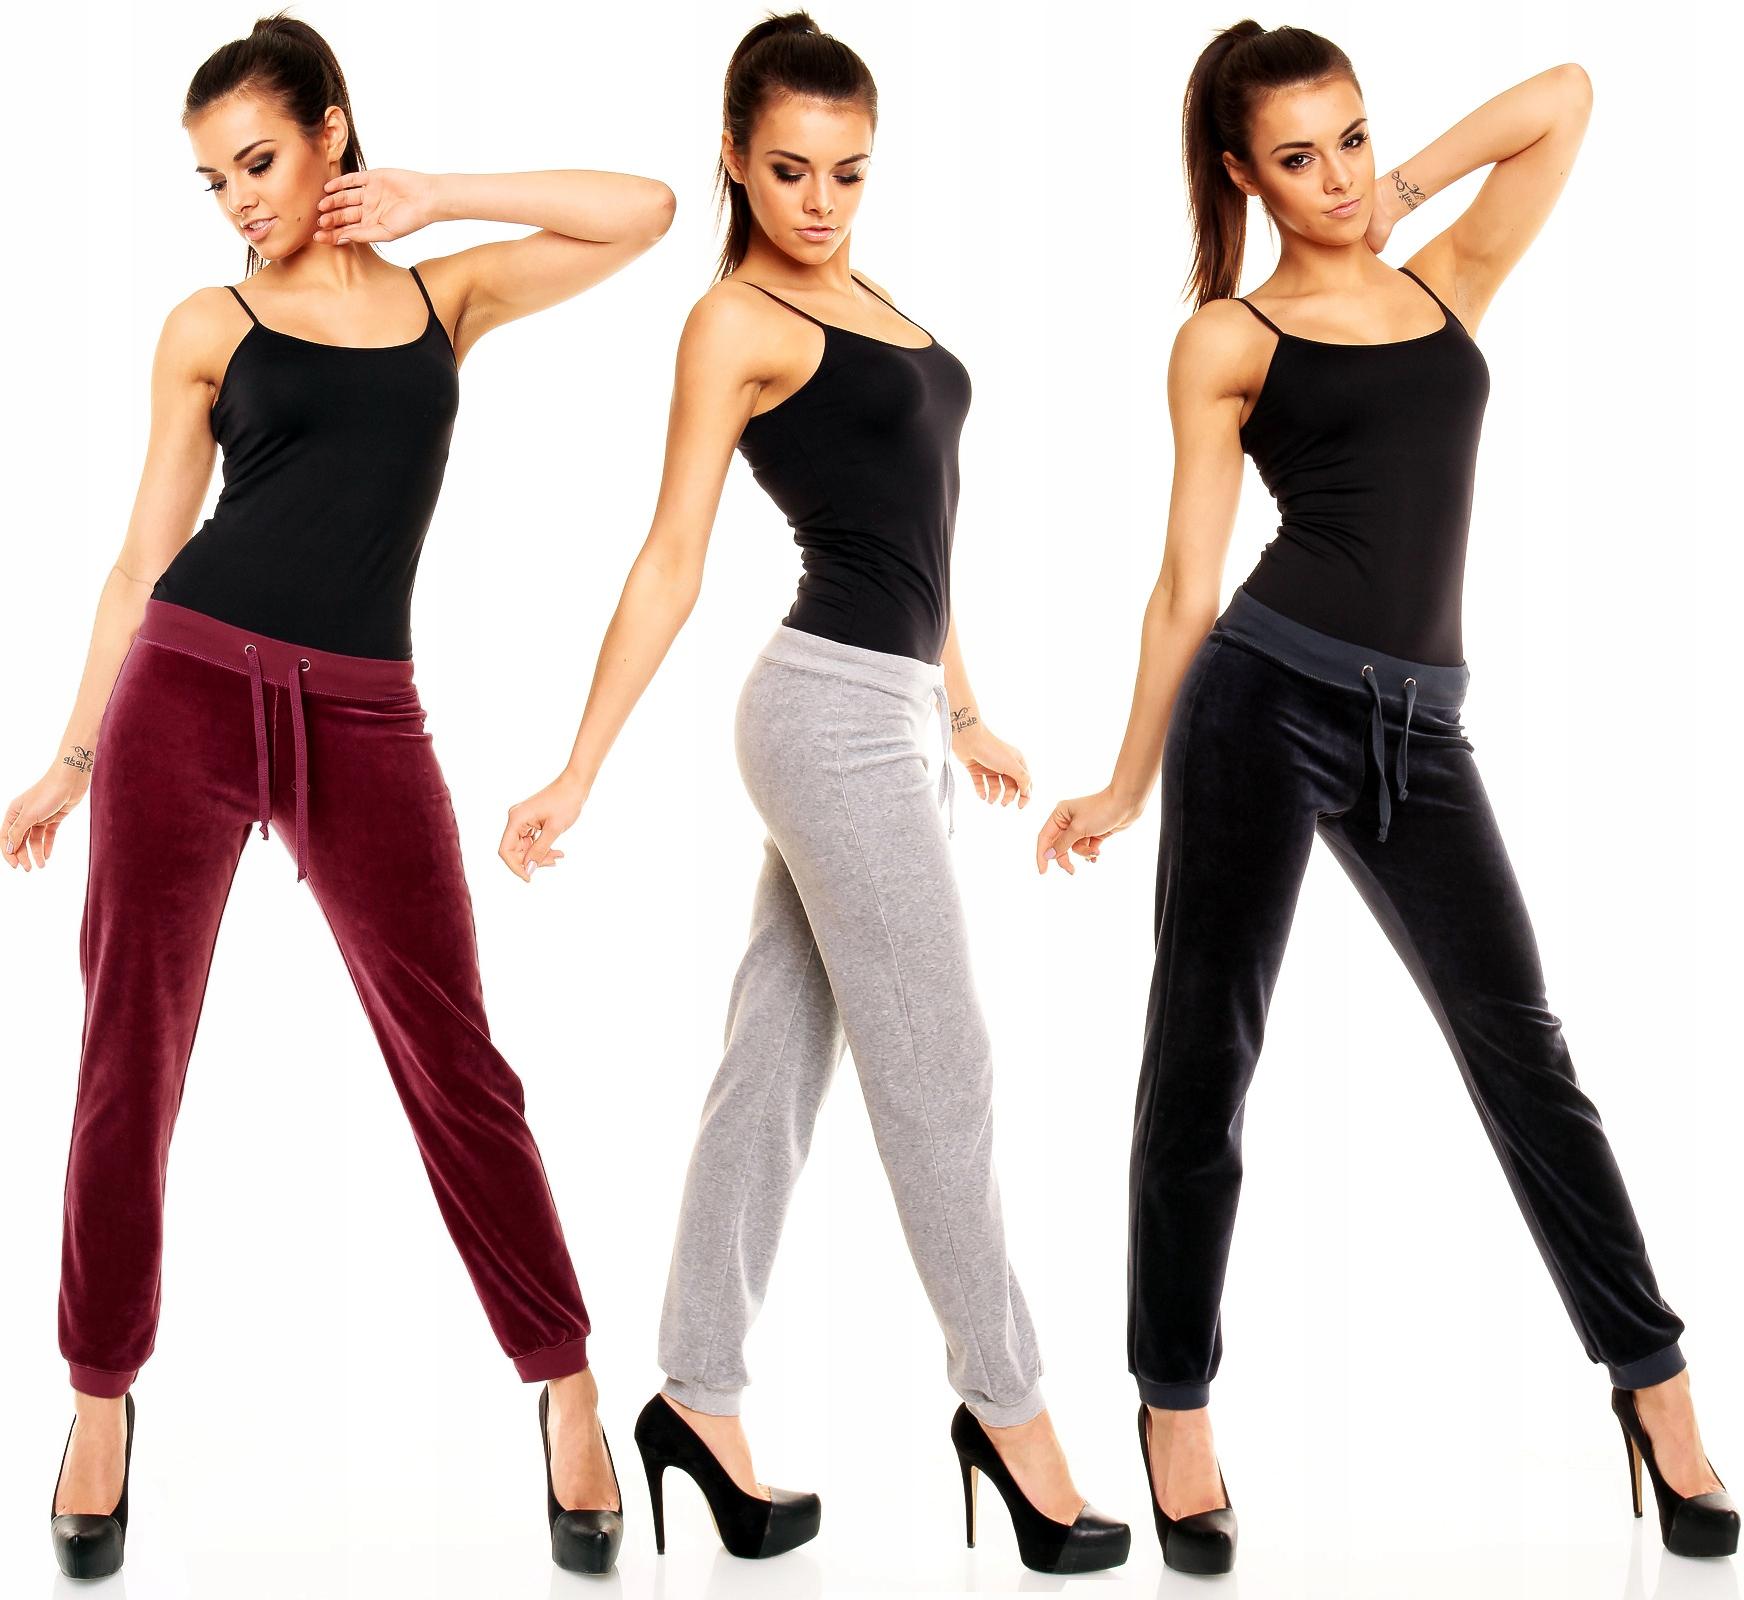 Spodnie Dresowe Welurowe Ściągacz XL Fitness Dresy